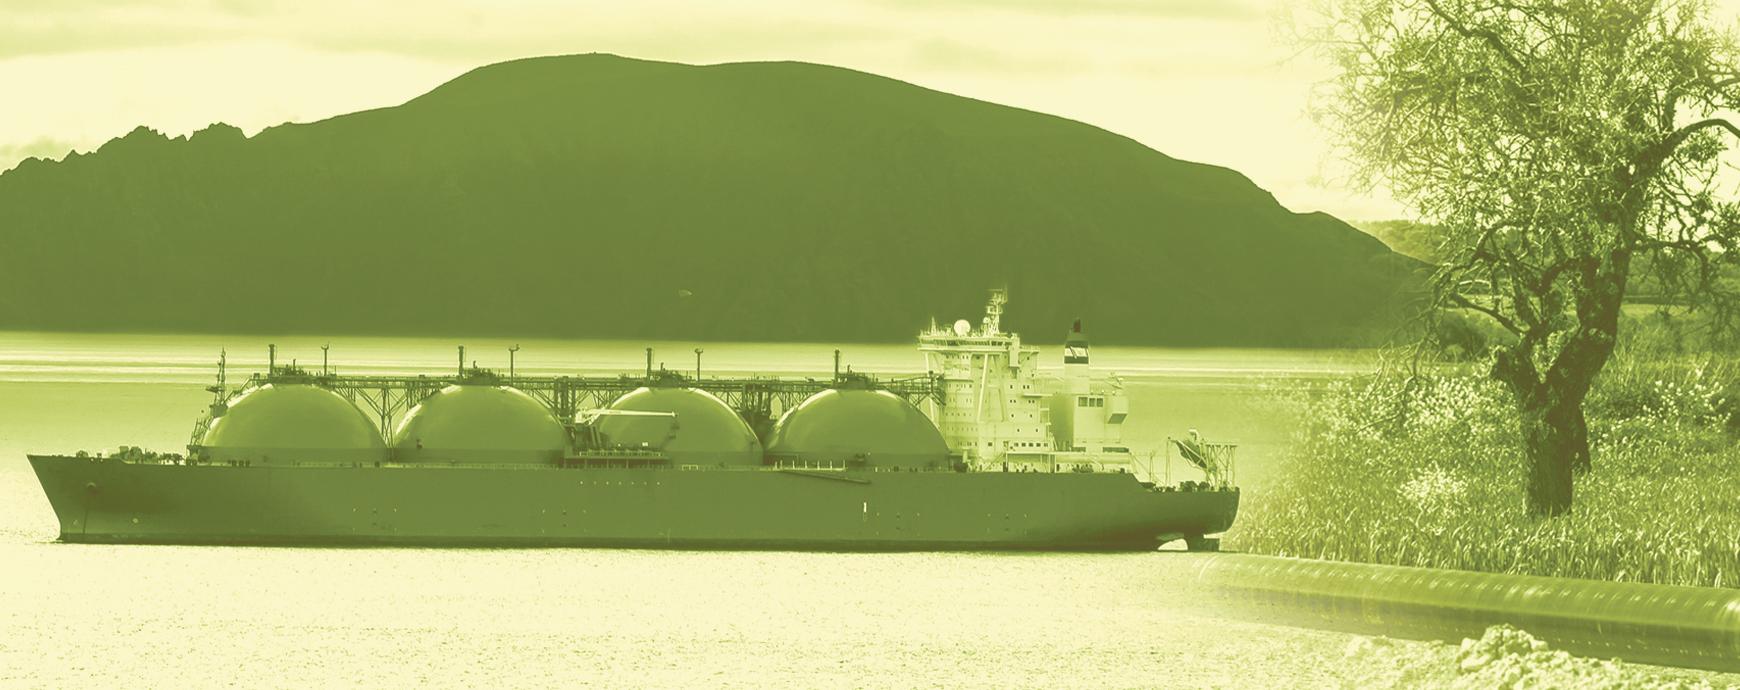 01_muntatge-vaixell